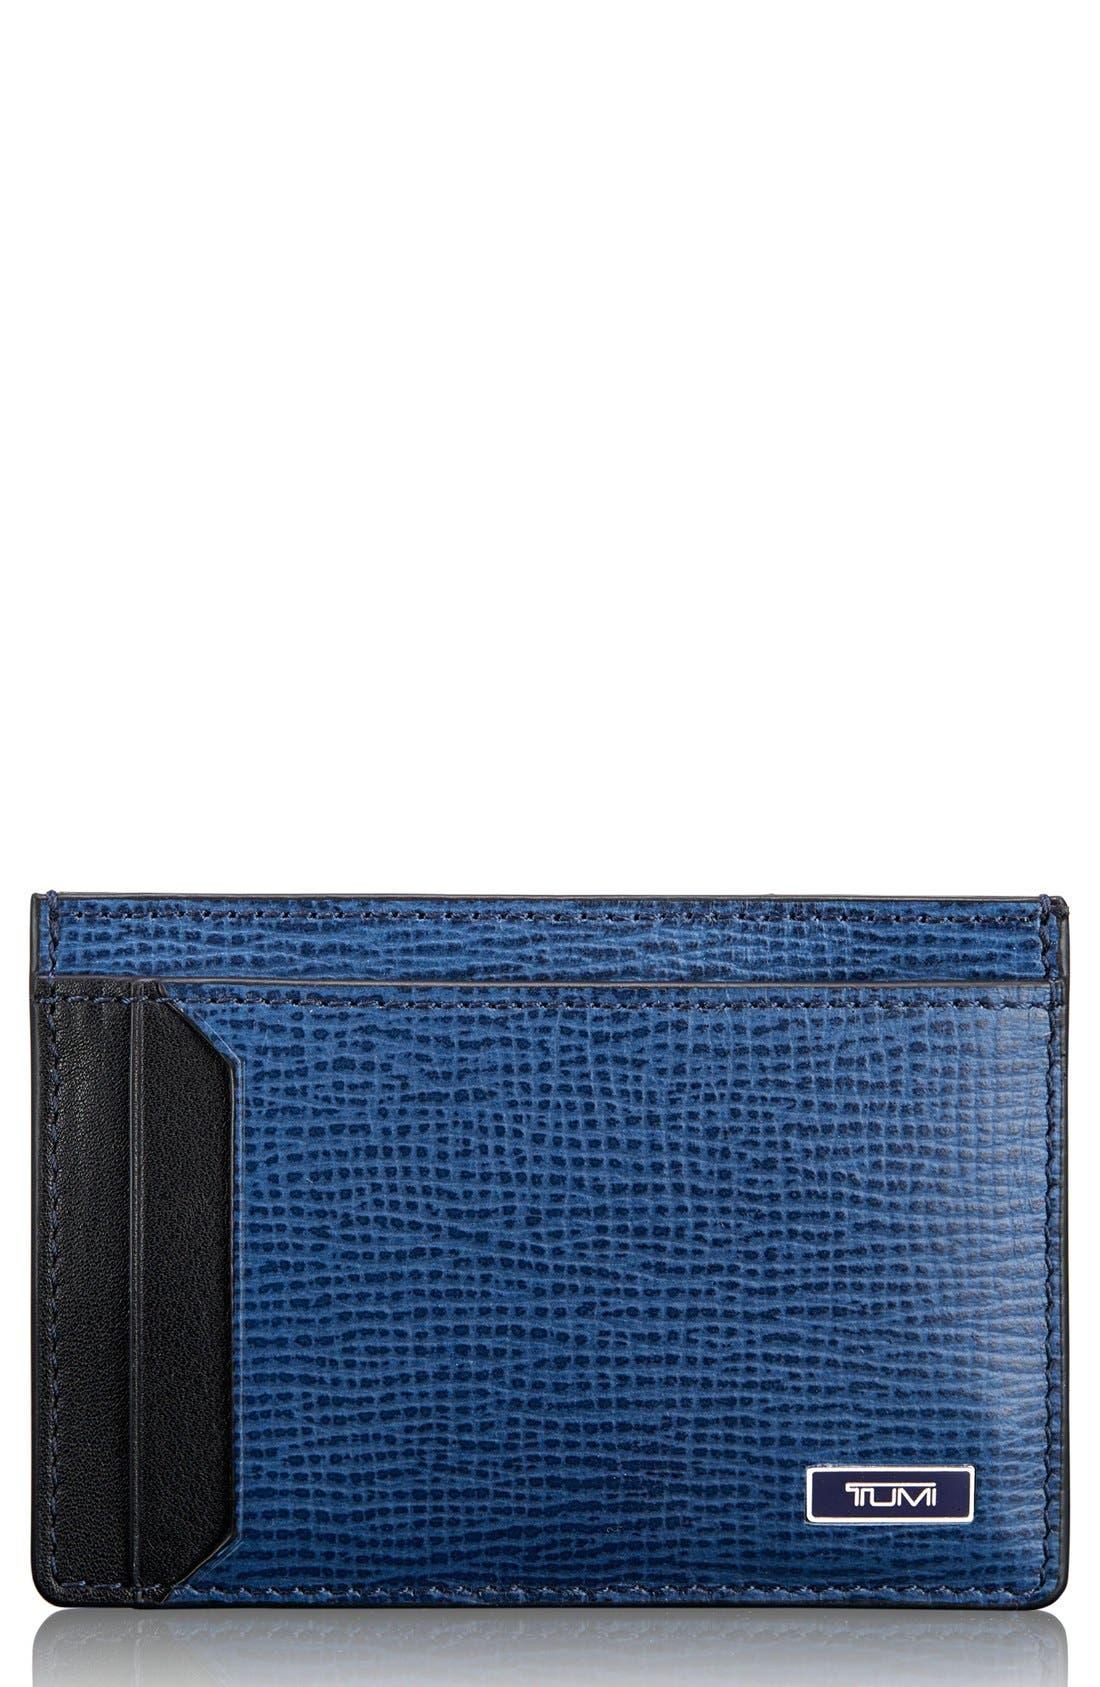 Main Image - Tumi Monaco Leather Money Clip Card Case